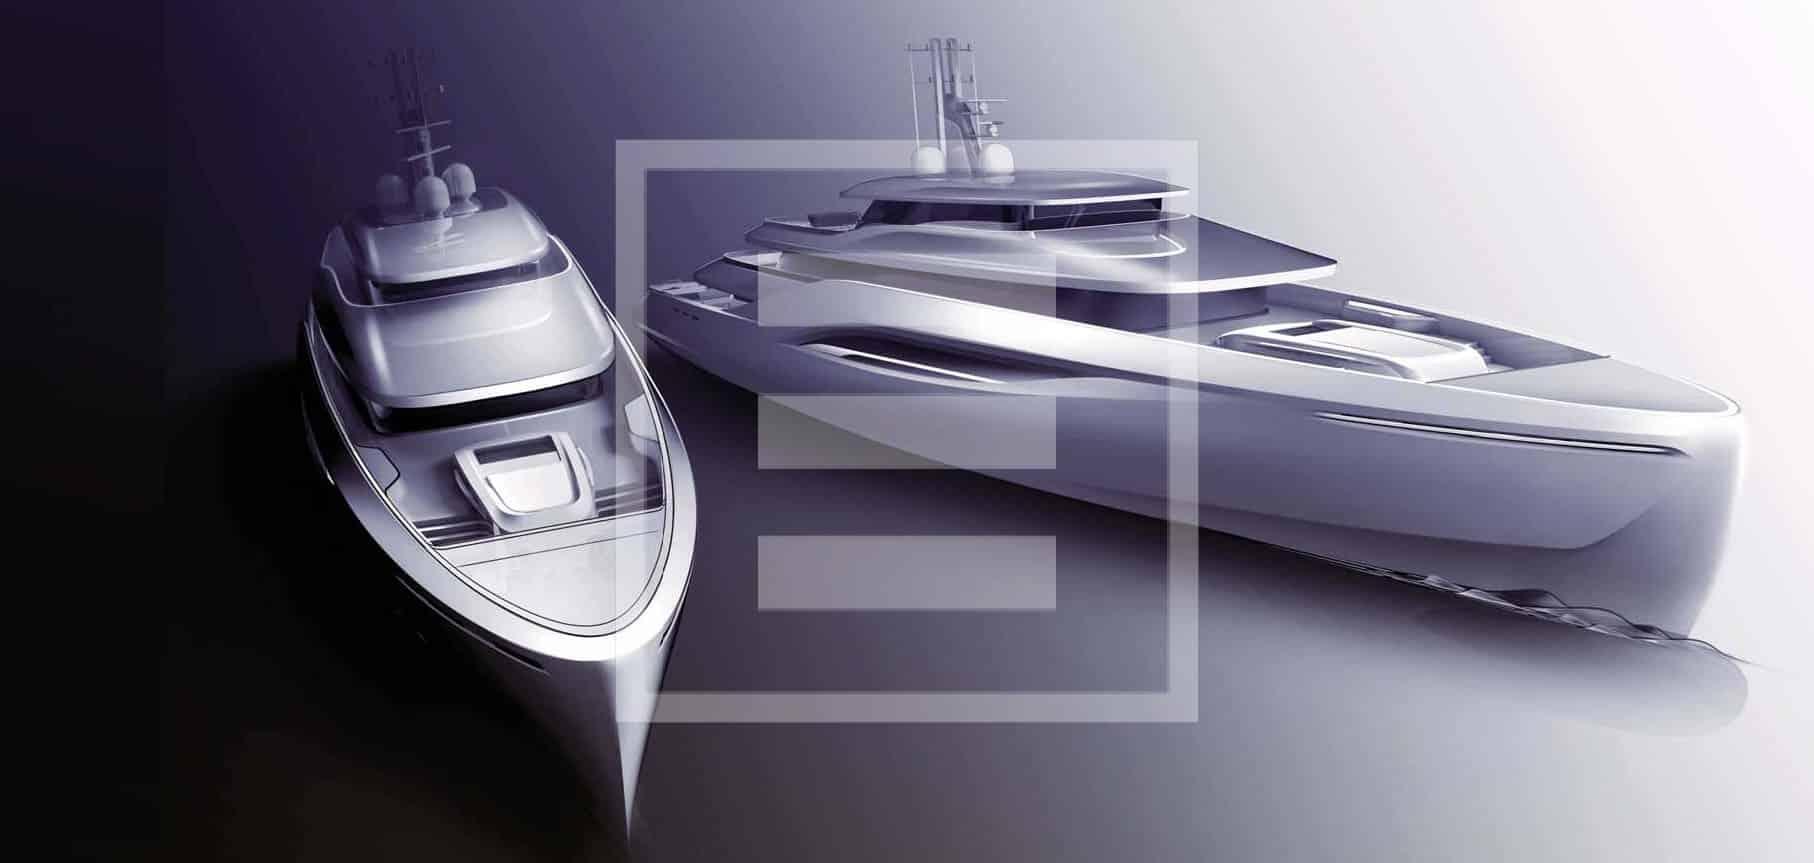 The Ottantacinque, a megayacht concept developed with Fincantieri